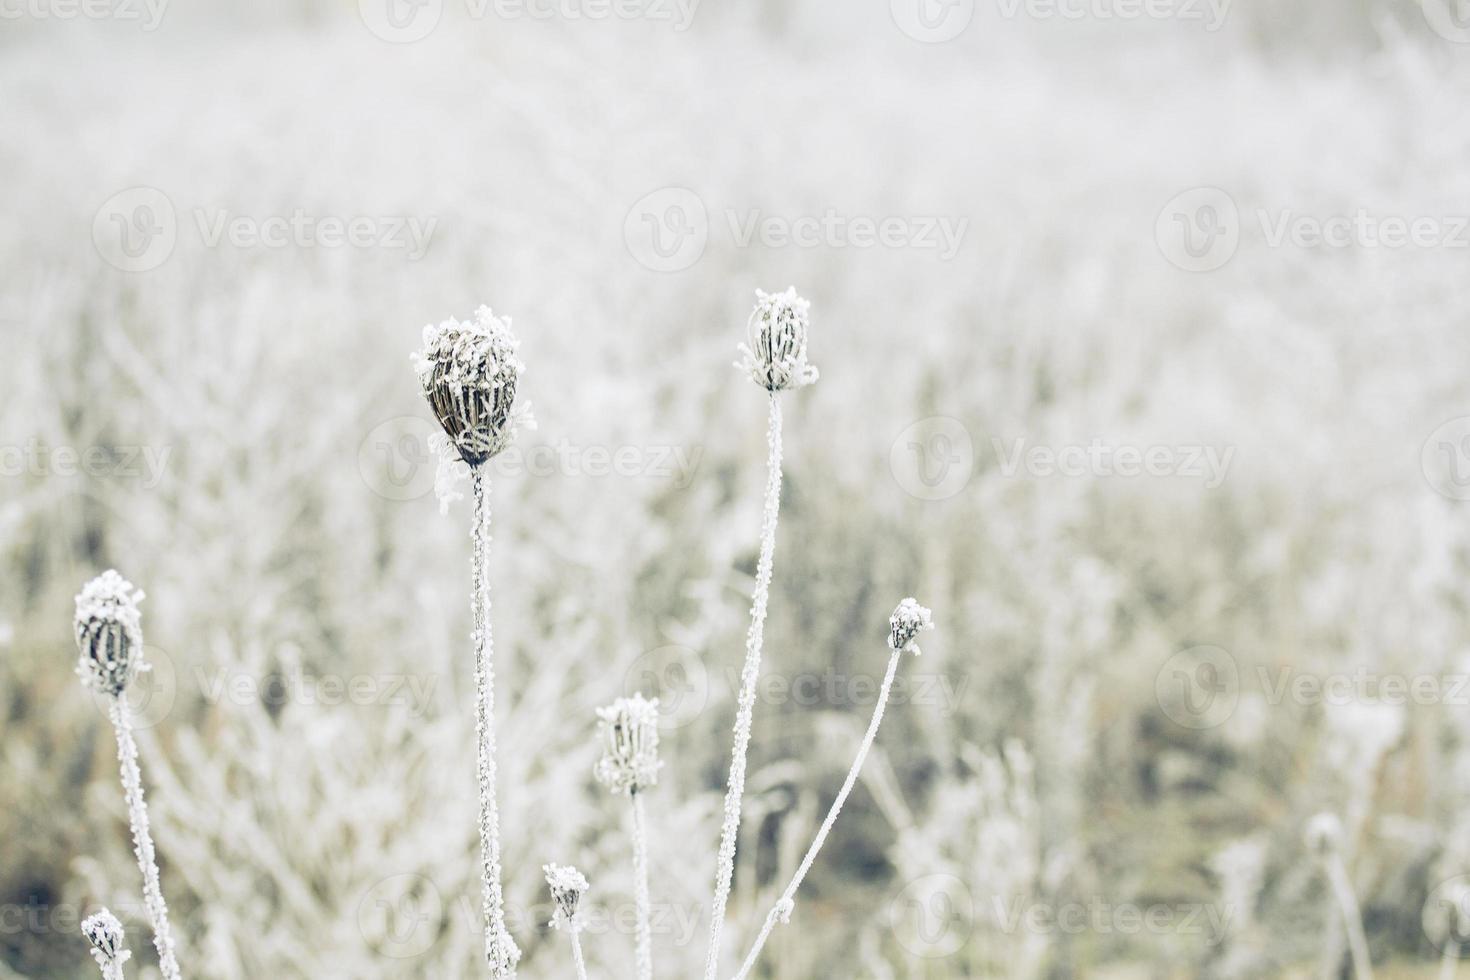 campo de inverno foto